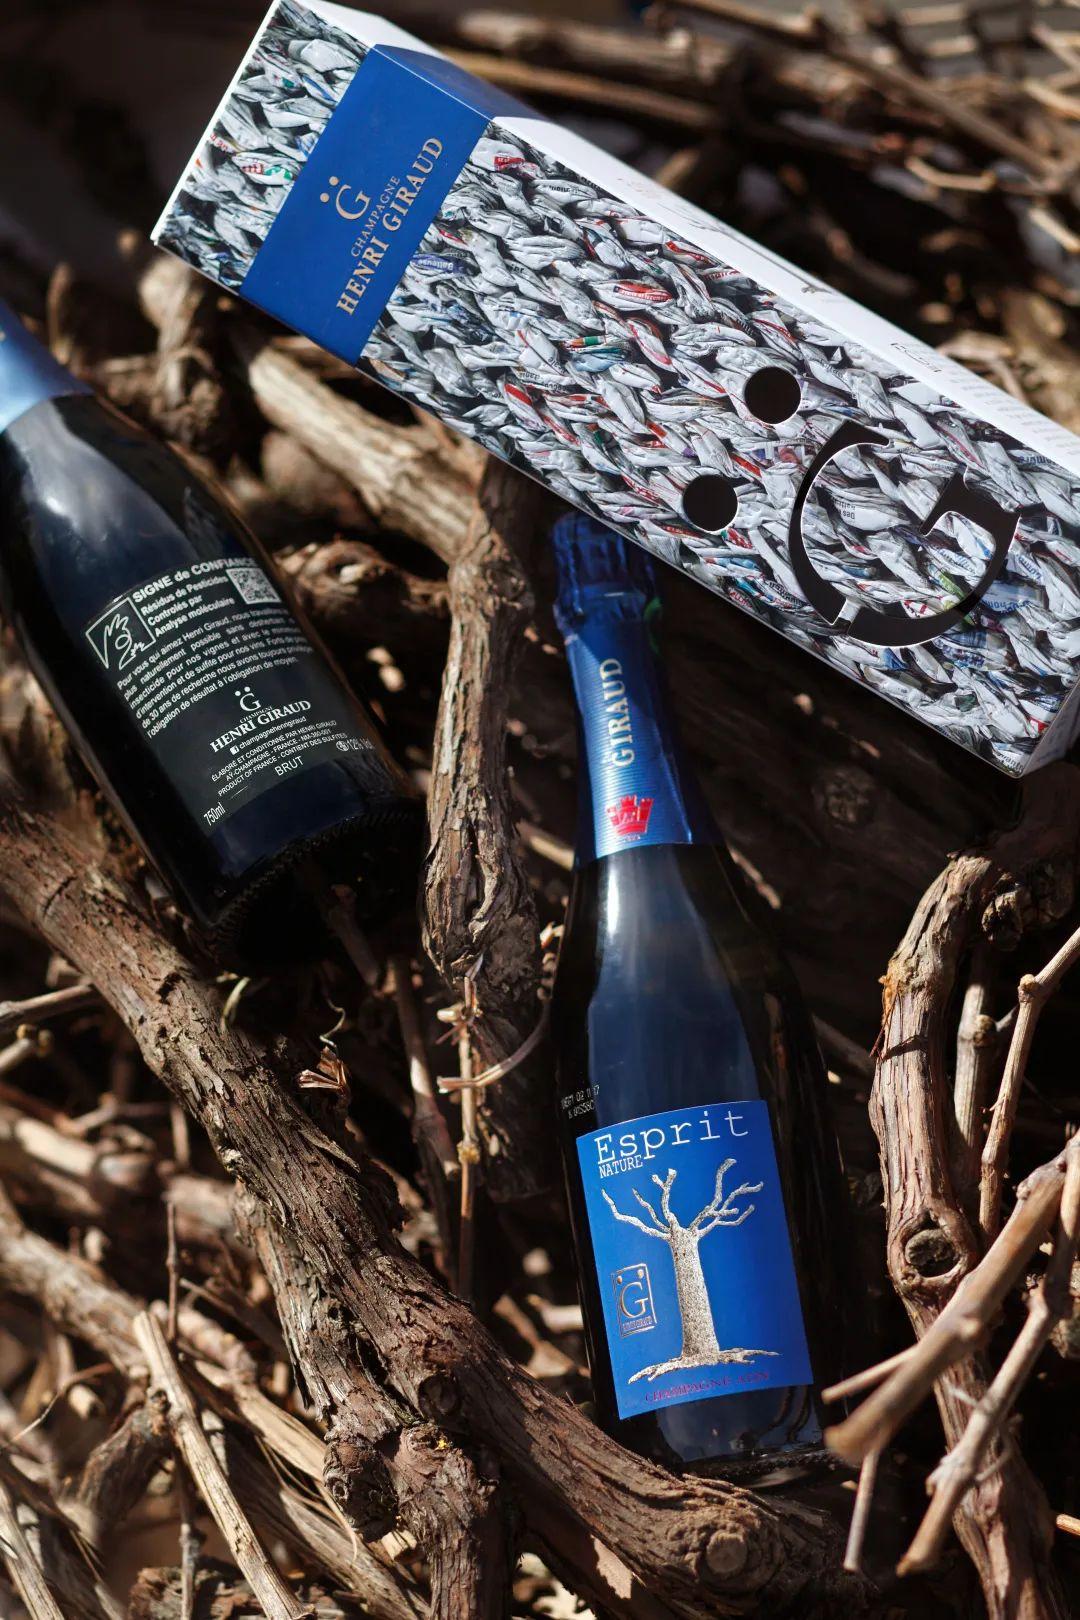 槟客×徕卡 | 用香槟美食与摄影来记录夏日的美好